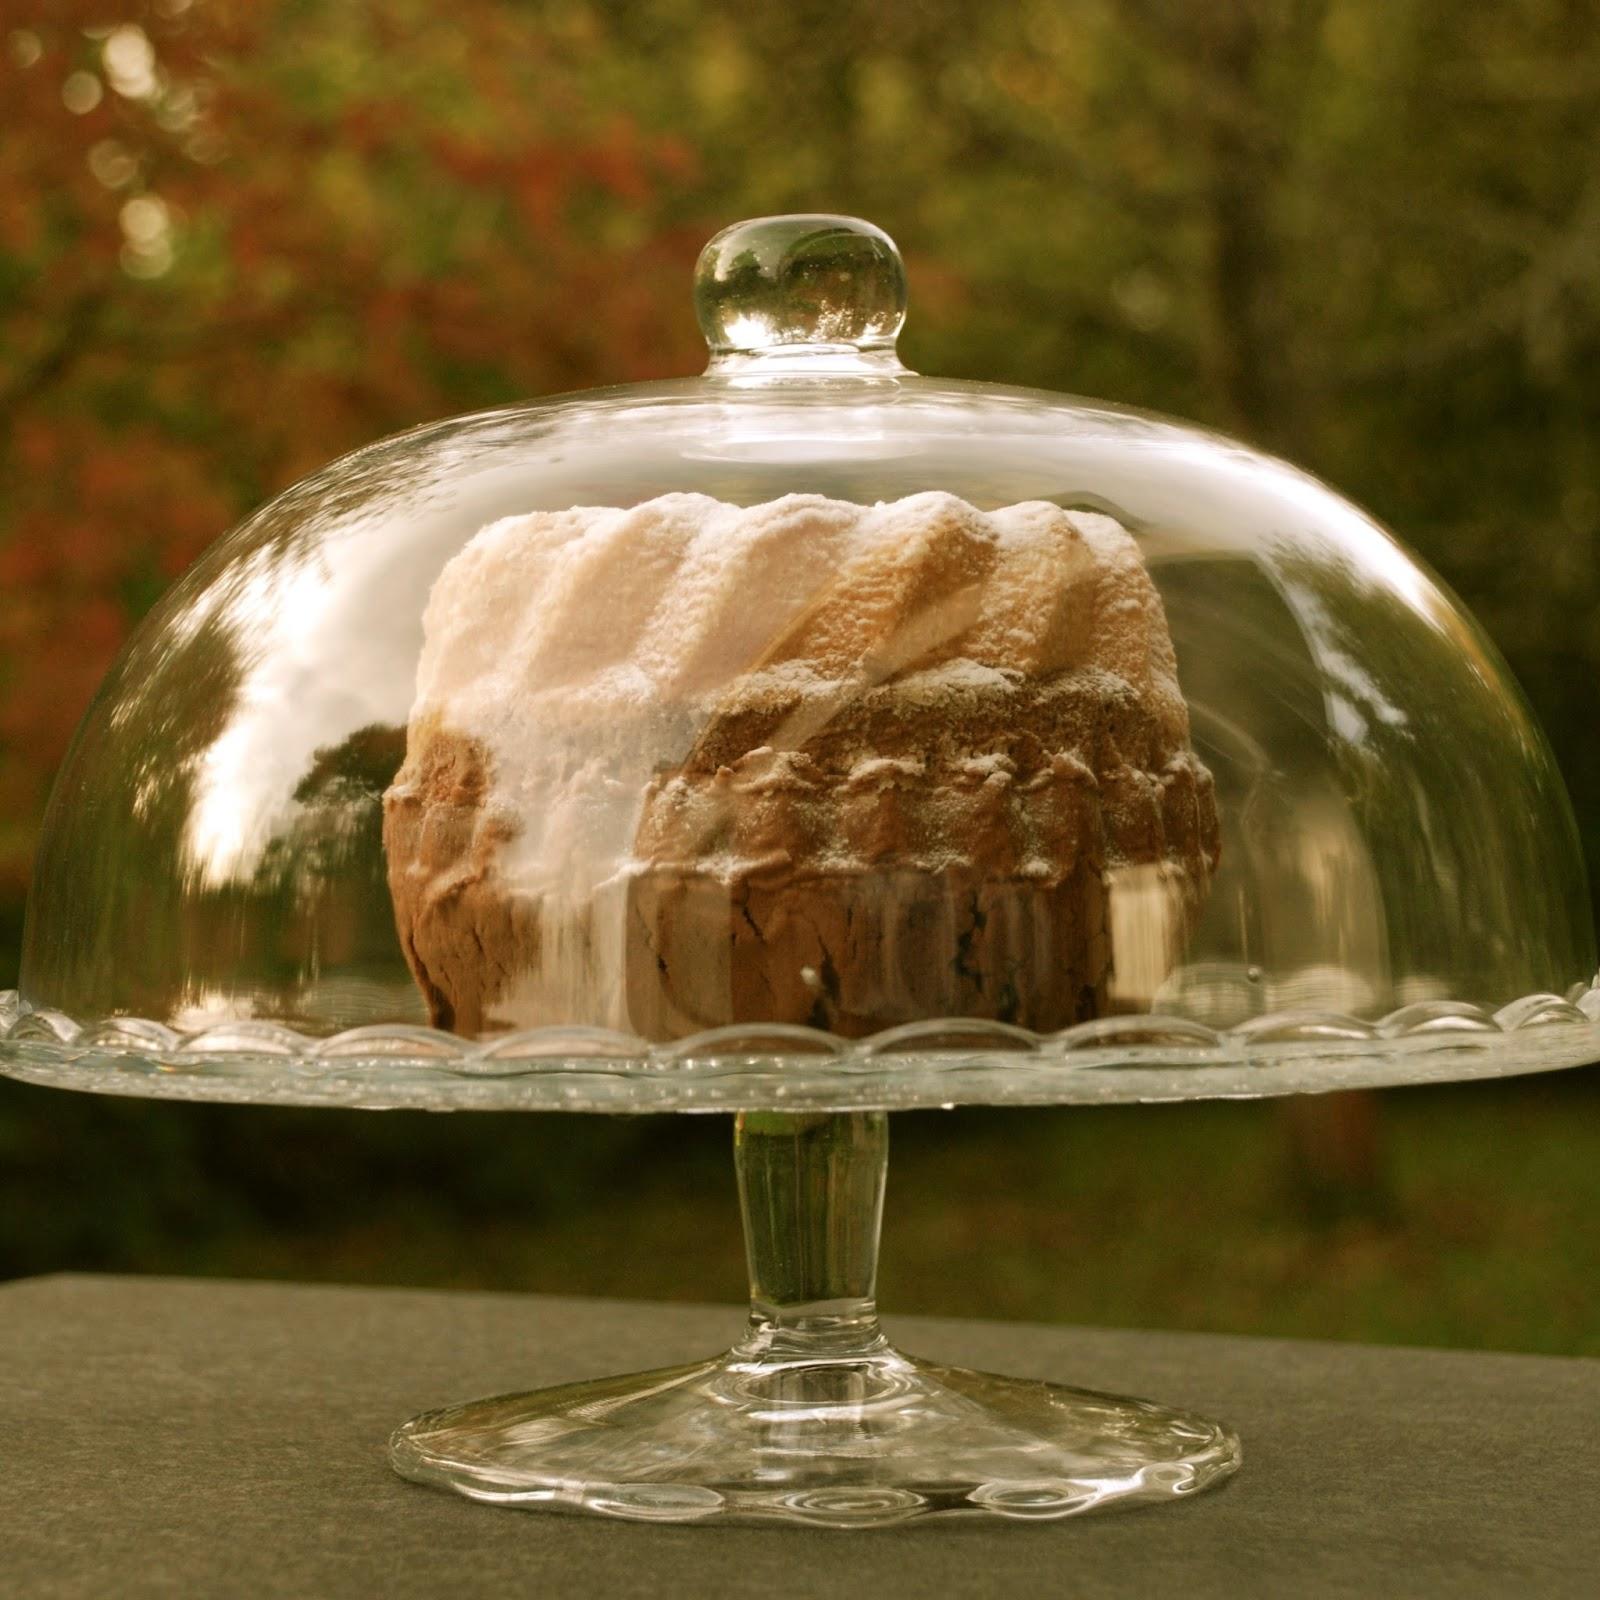 Marmorgugelhupf / Bundt cake